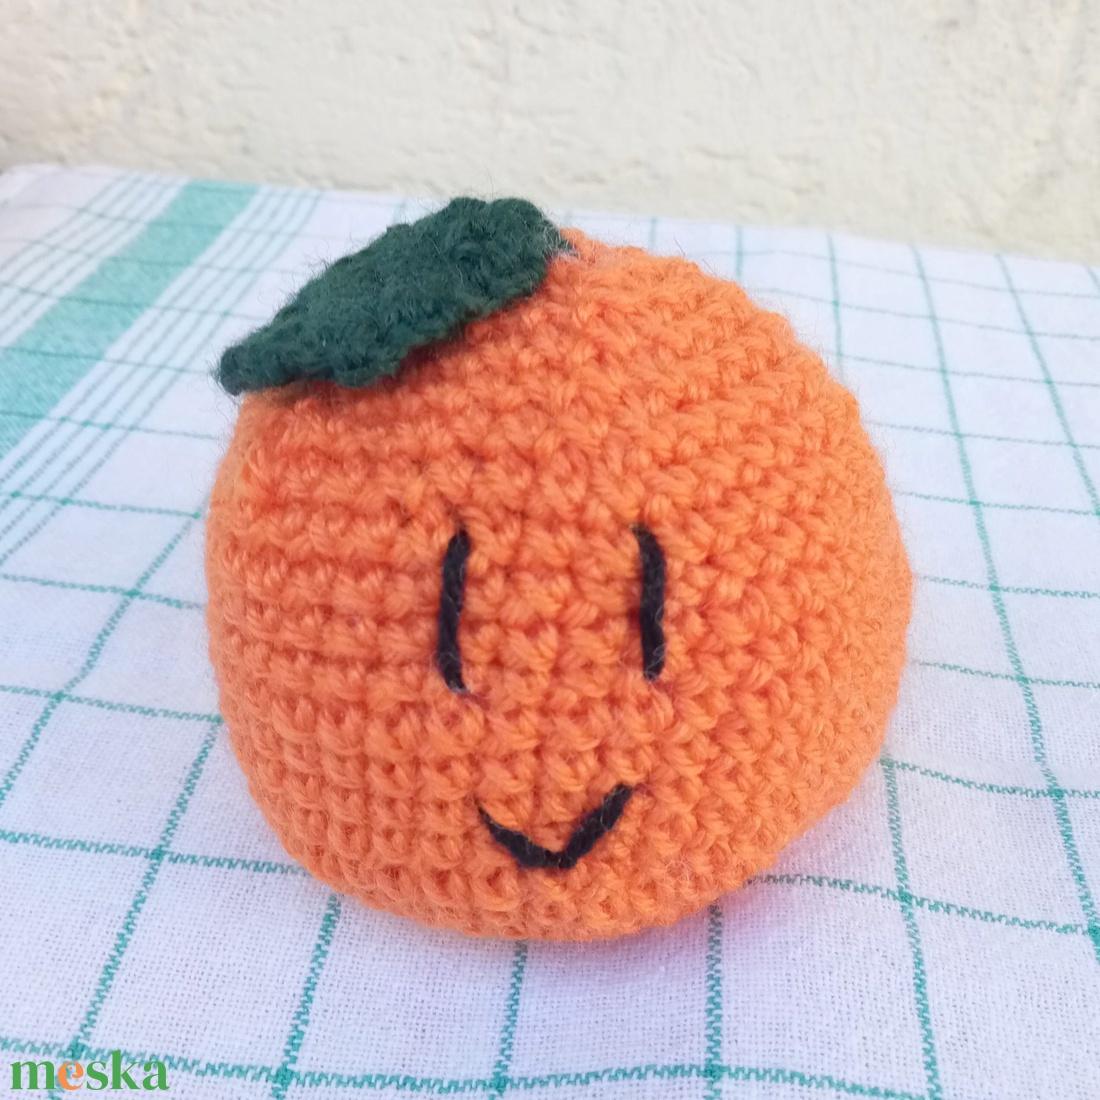 narancs - vidám horgolt gyümölcsök kollekció - játék & gyerek - plüssállat & játékfigura - más figura - Meska.hu